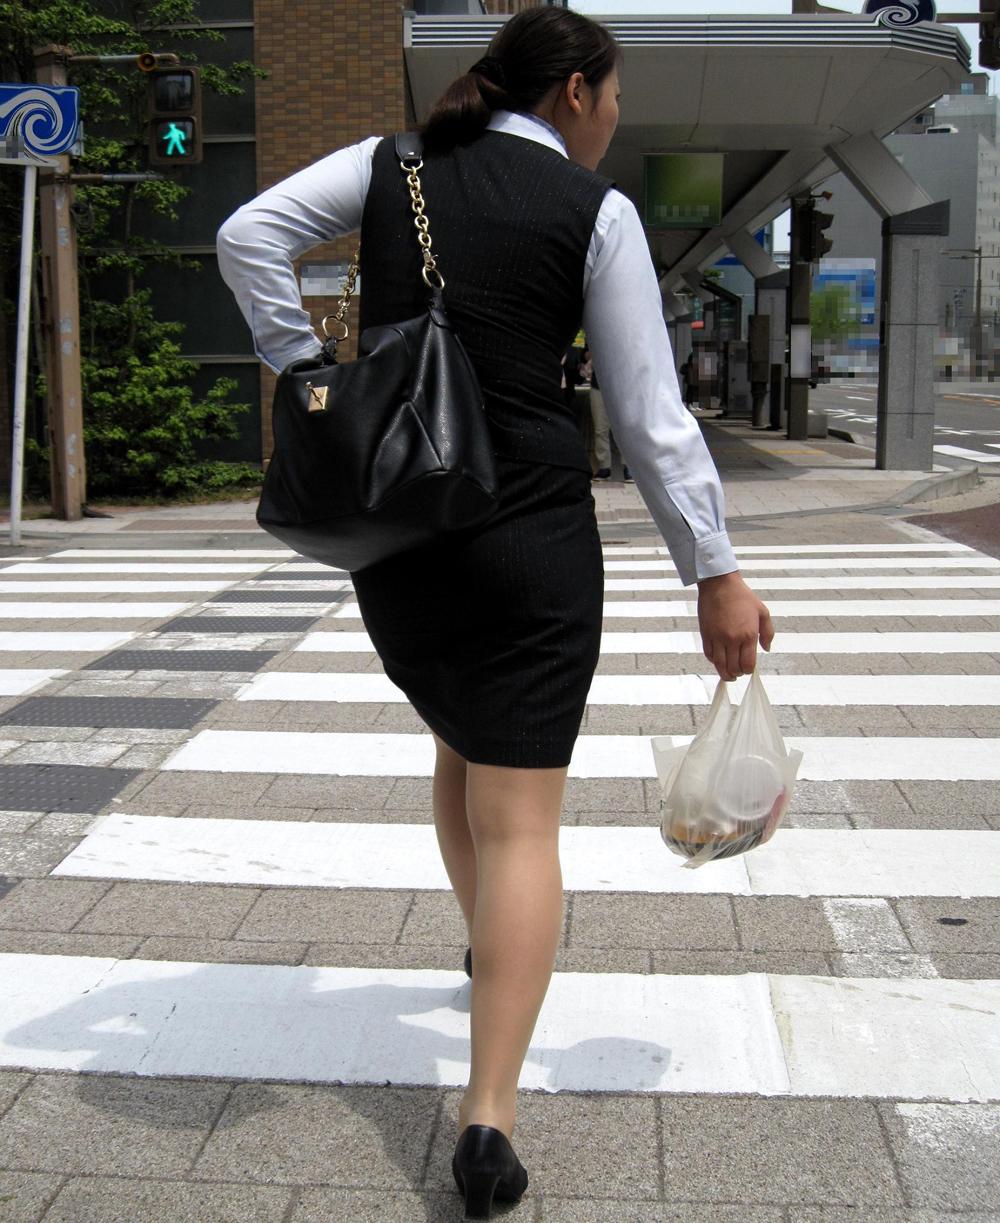 ヤリマンギャルOL巨尻タイトスカート盗撮エロ画像6枚目